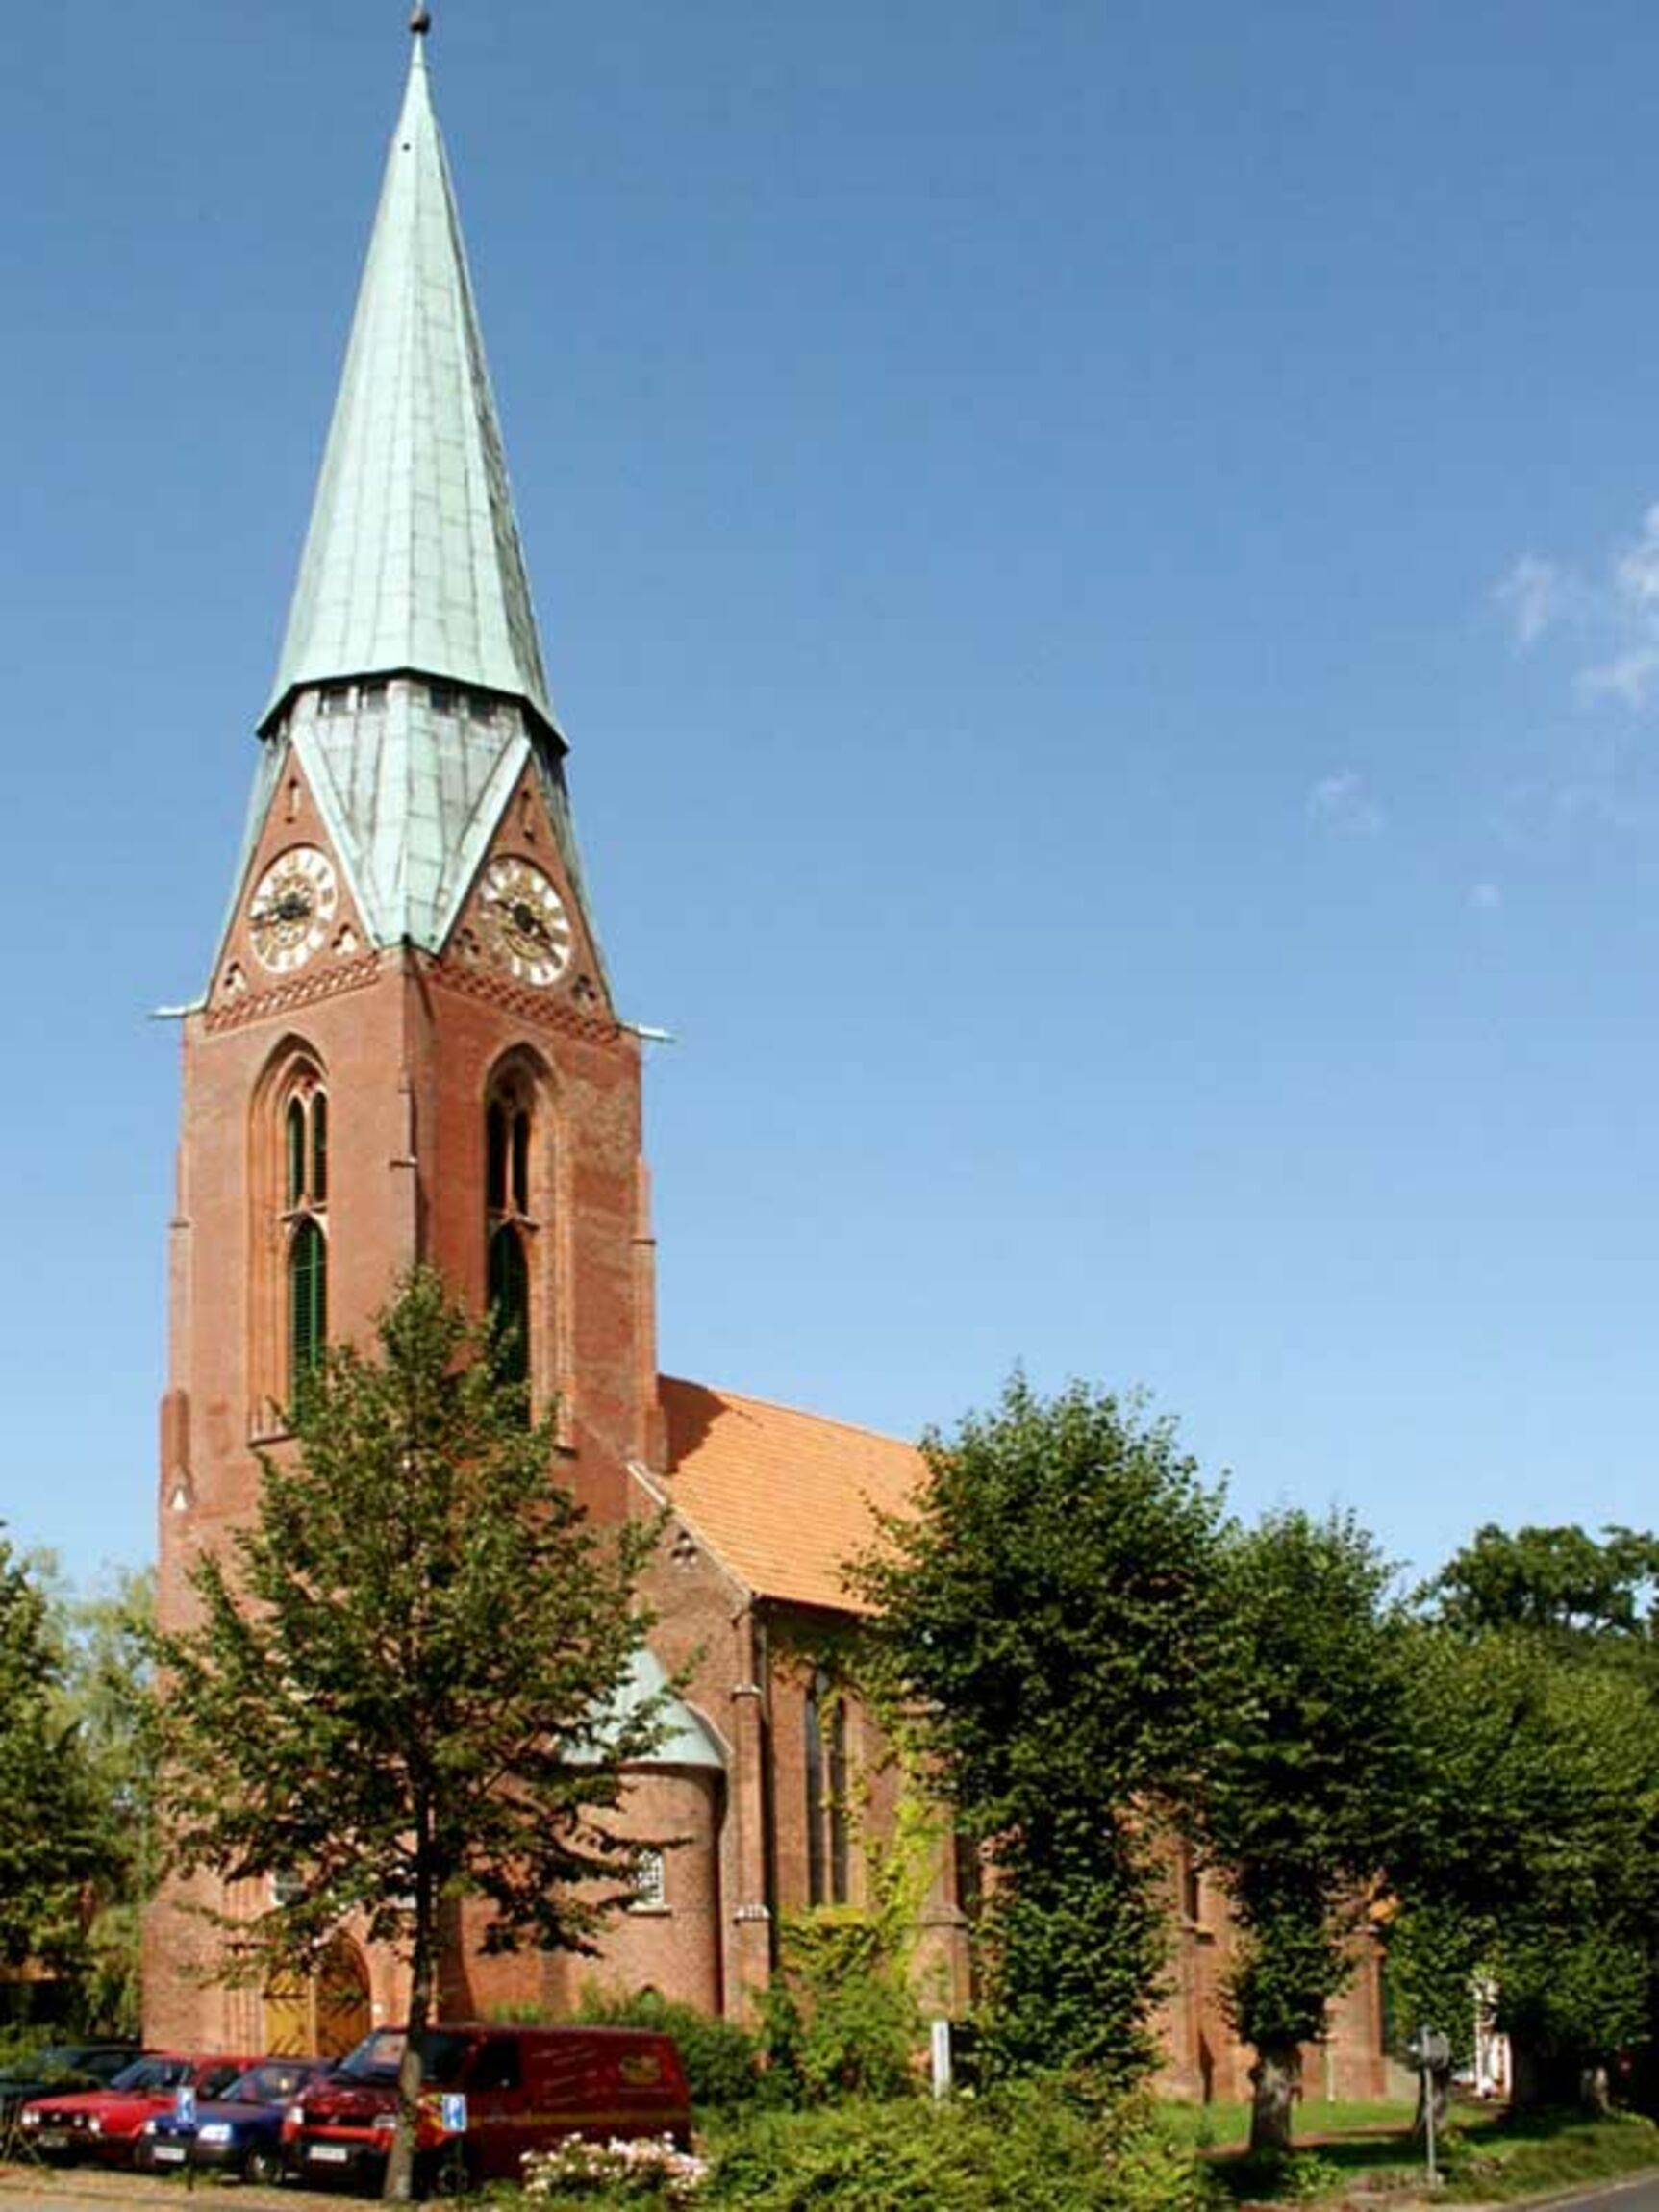 St. Jakobi